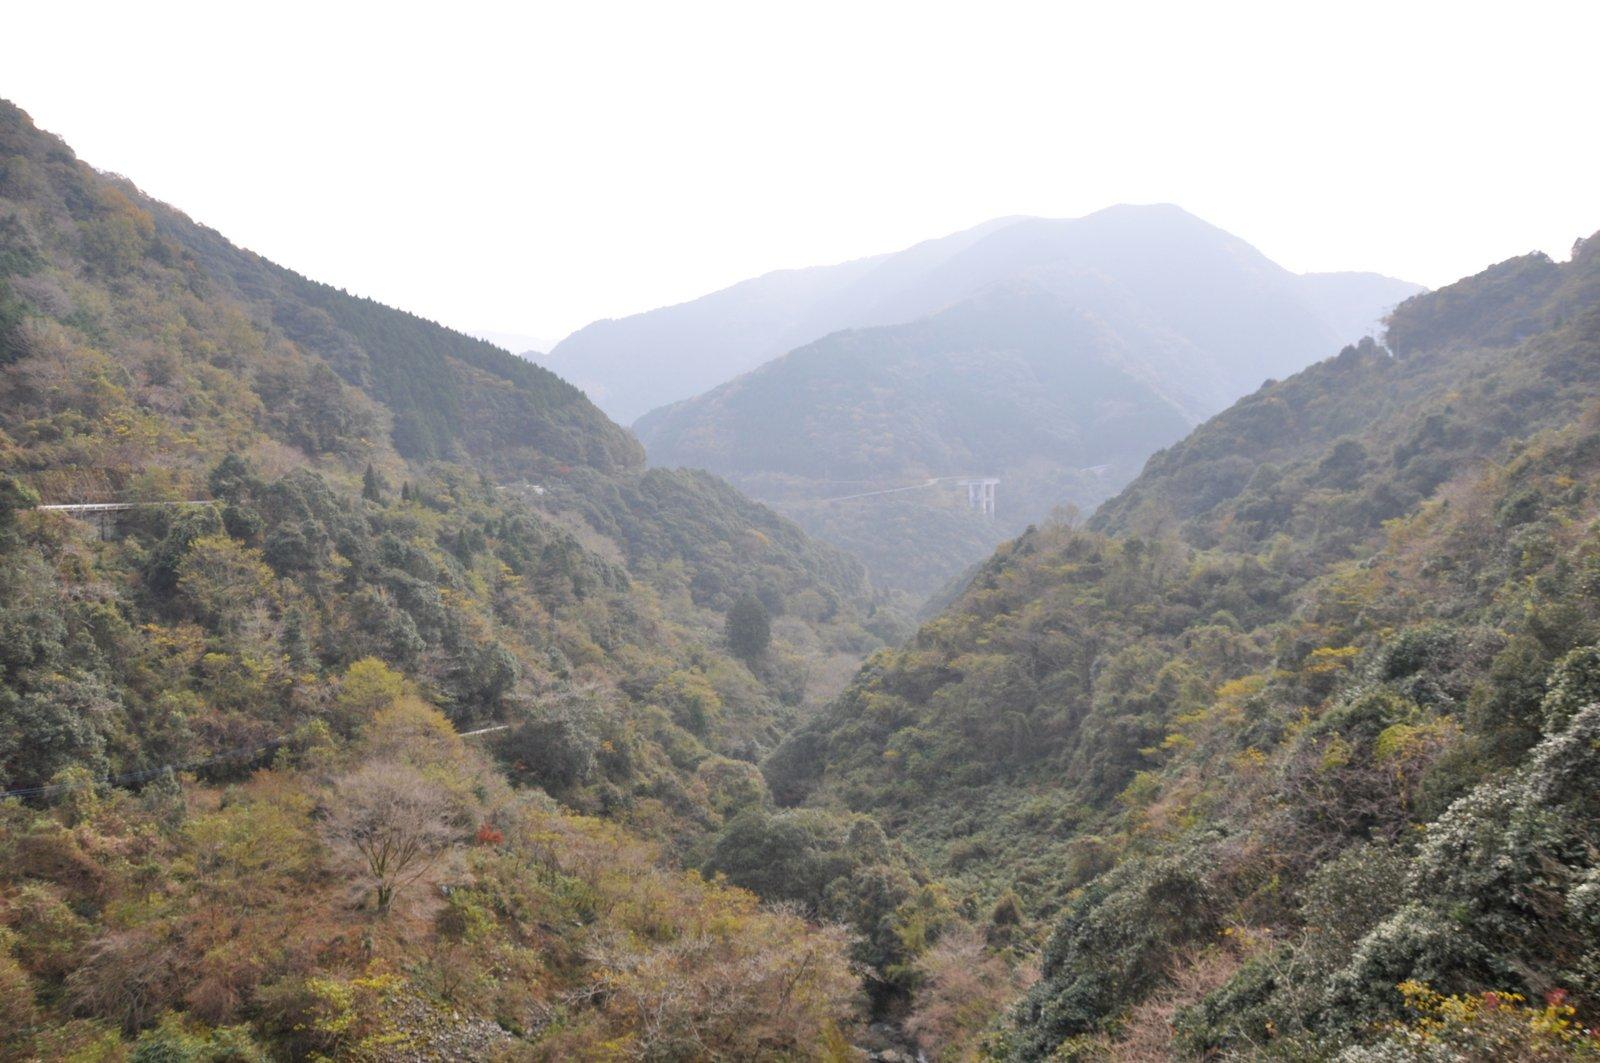 Vista de las remotas montañas de Gokanosho en la isla de Kyushu